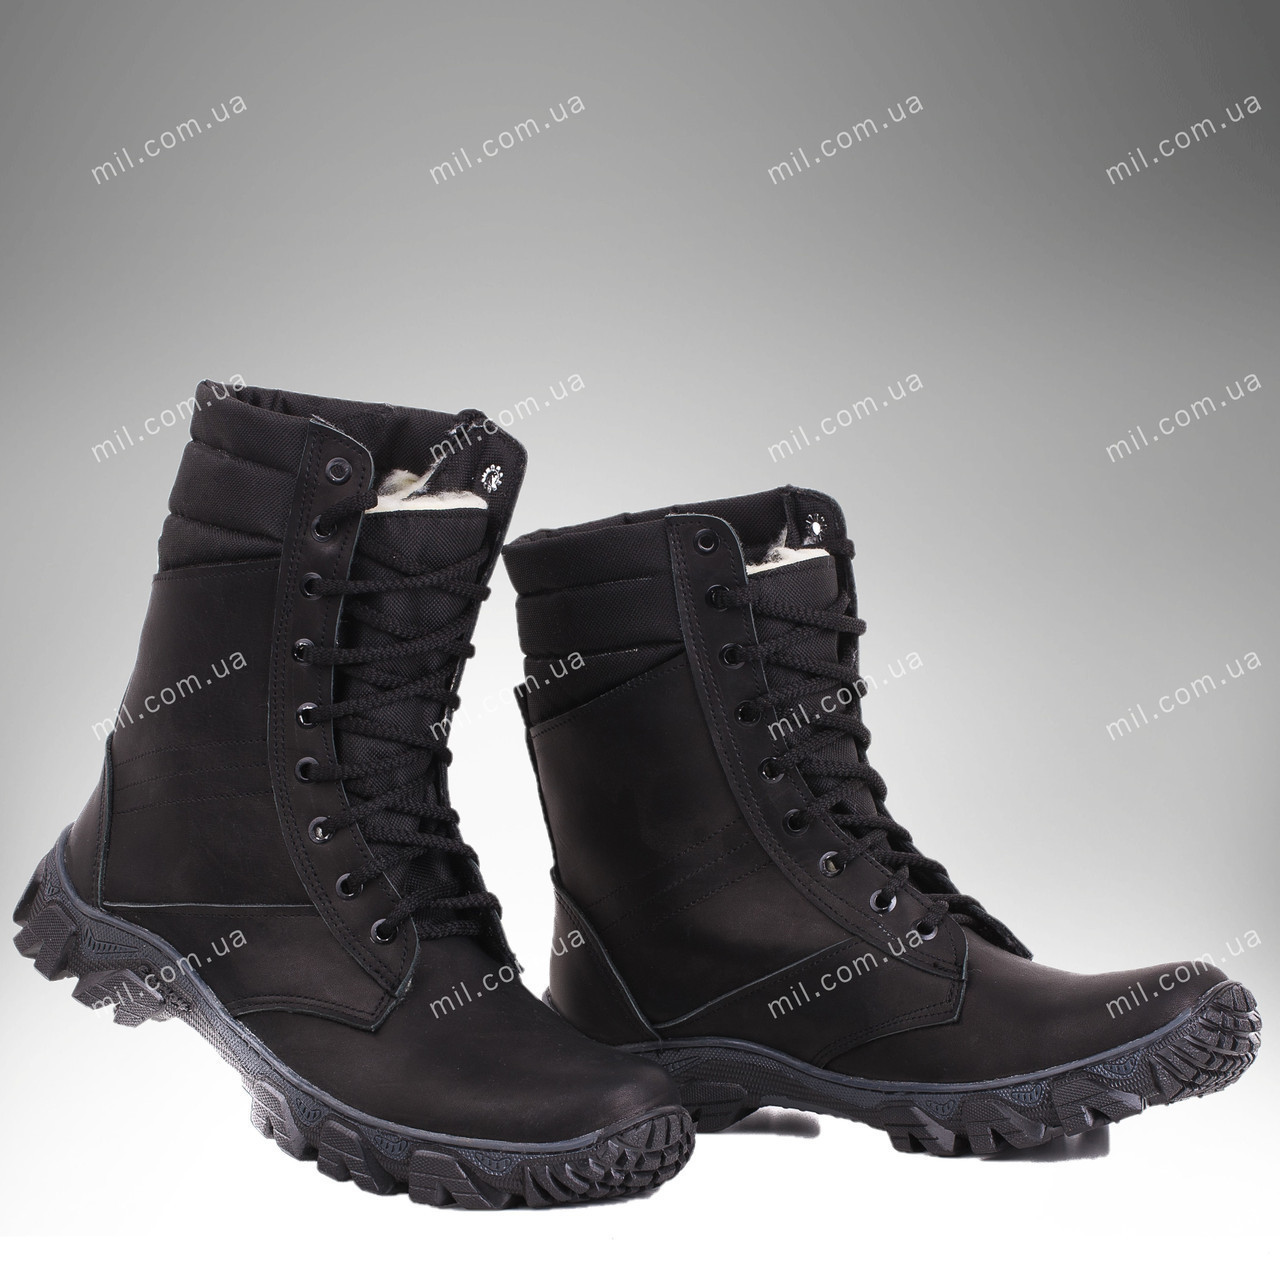 Берцы зимние / военная, рабочая обувь МИРАЖ II (black)